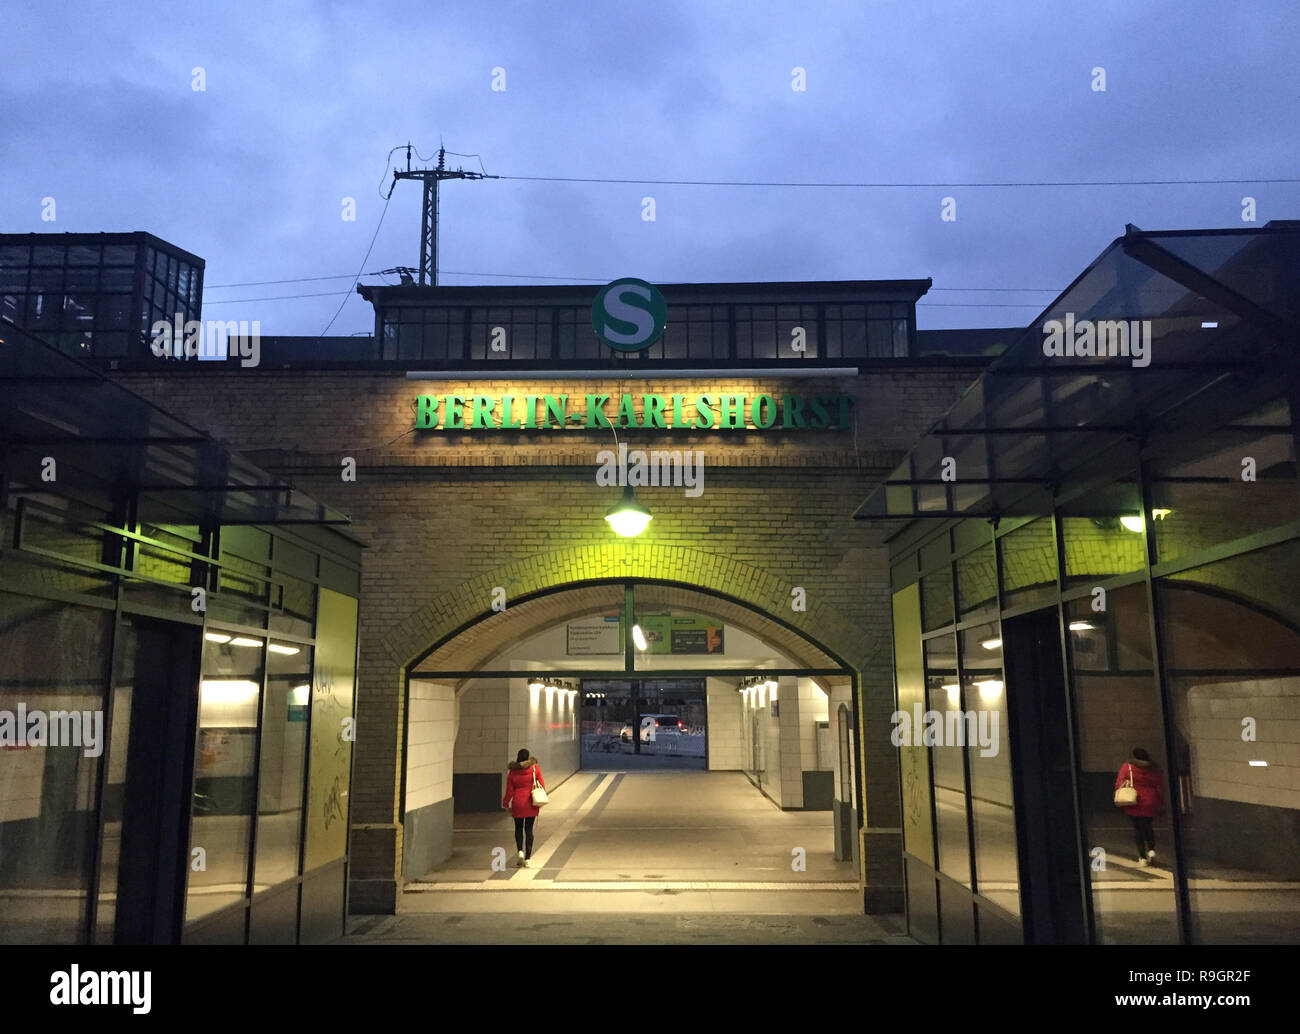 Weihnachtsmarkt Karlshorst.Berlin Deutschland 25 Dez 2018 Die S Bahn Station Berlin